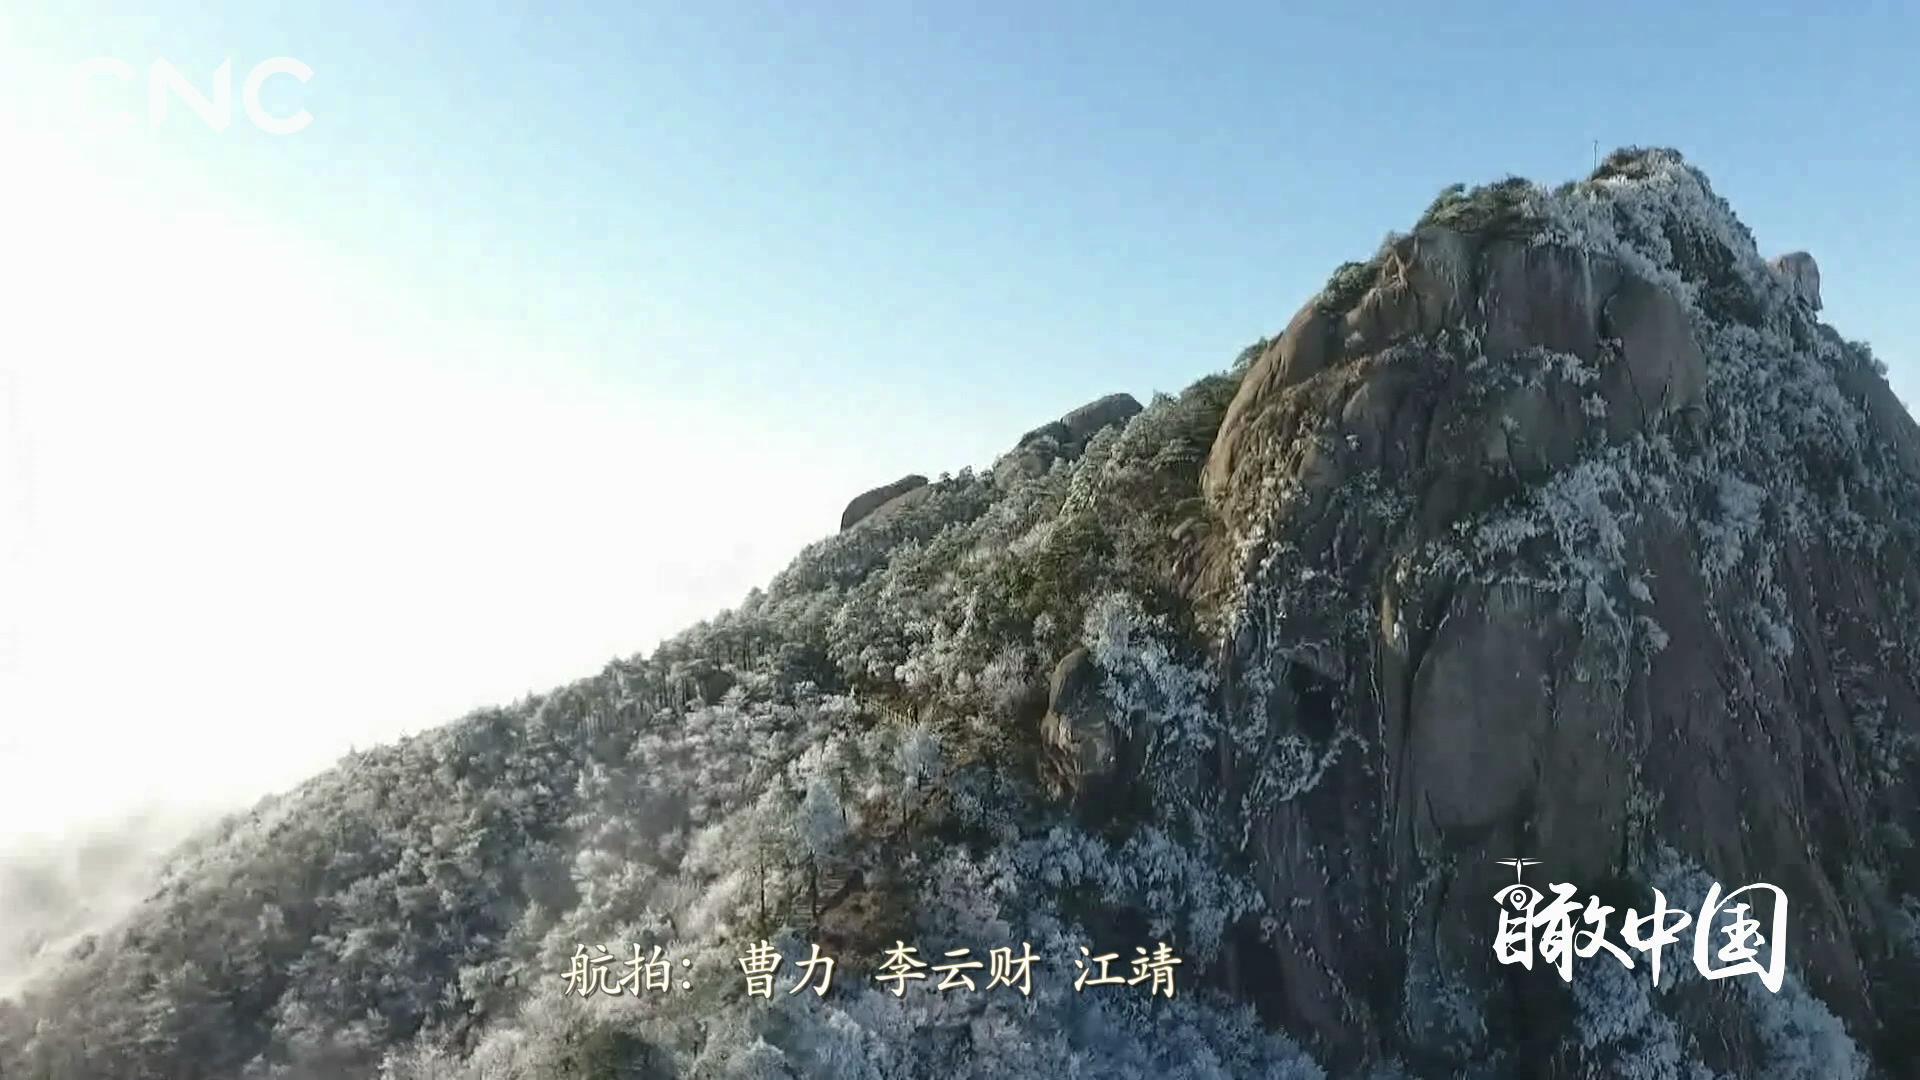 瞰中国|玉树琼花云蒸霞蔚 冬日九华山美如诗